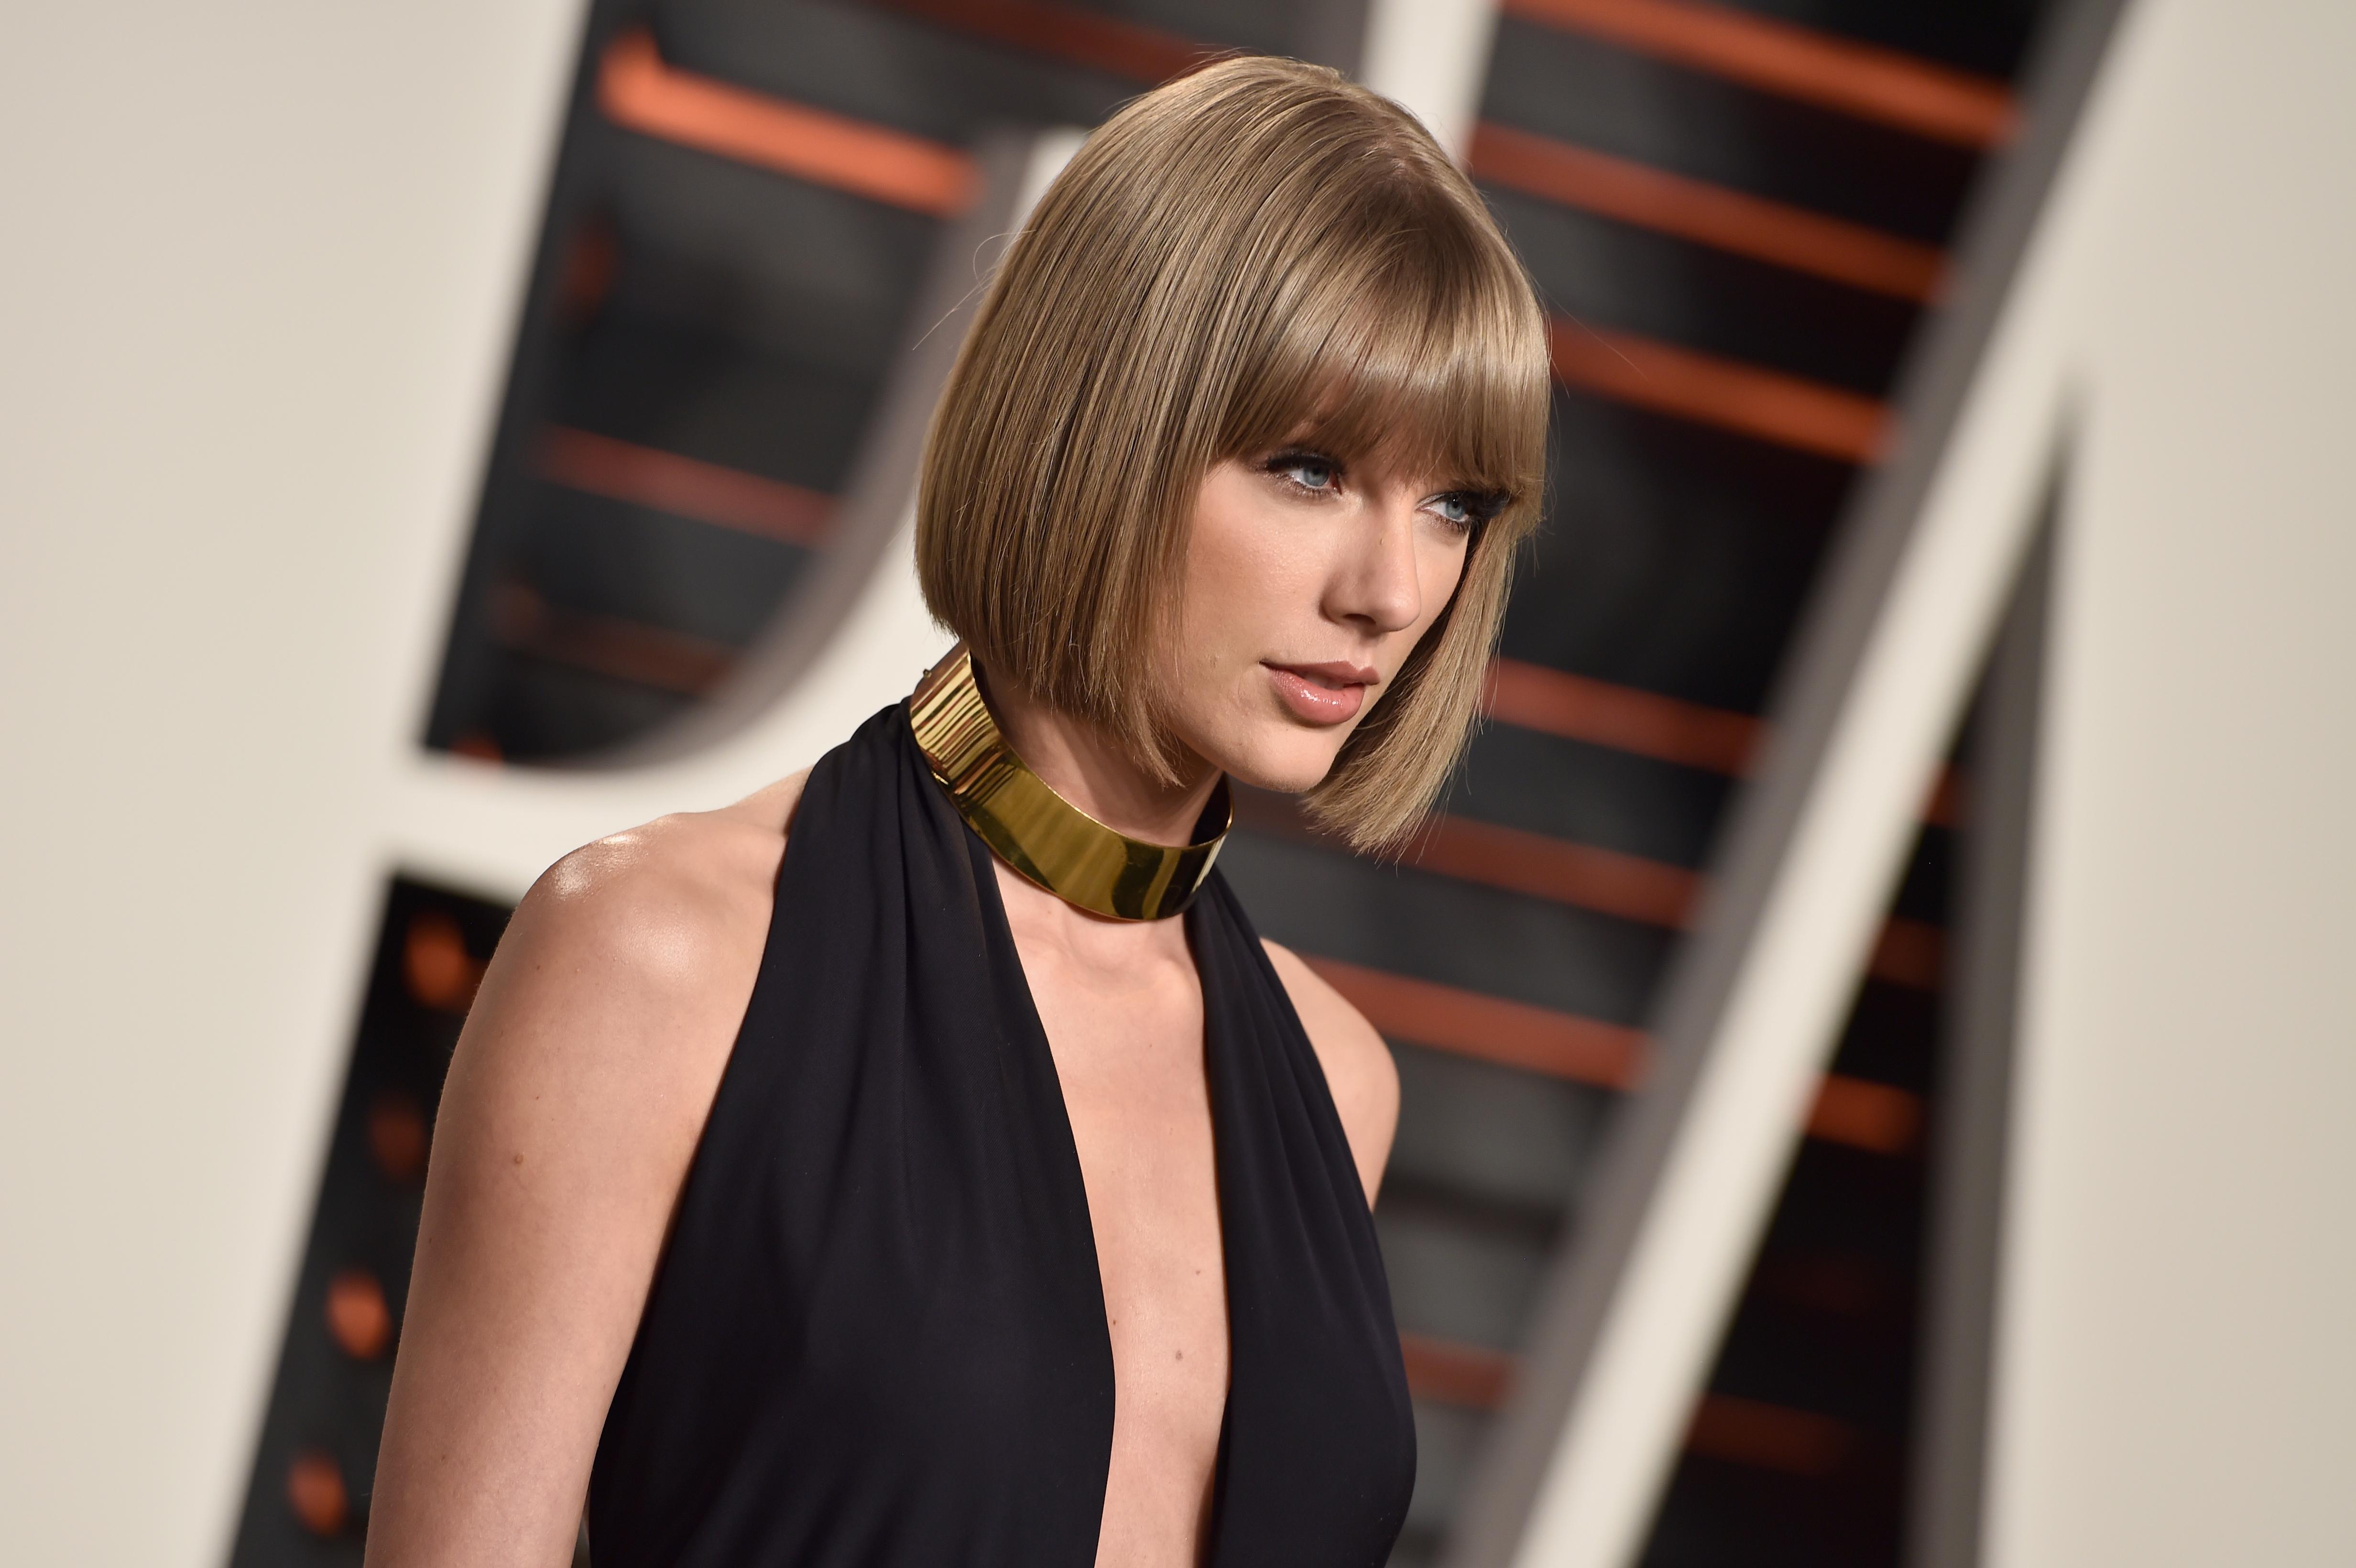 В день рождения Тейлор Свифт: кому из бывших звезда посвятила песню?